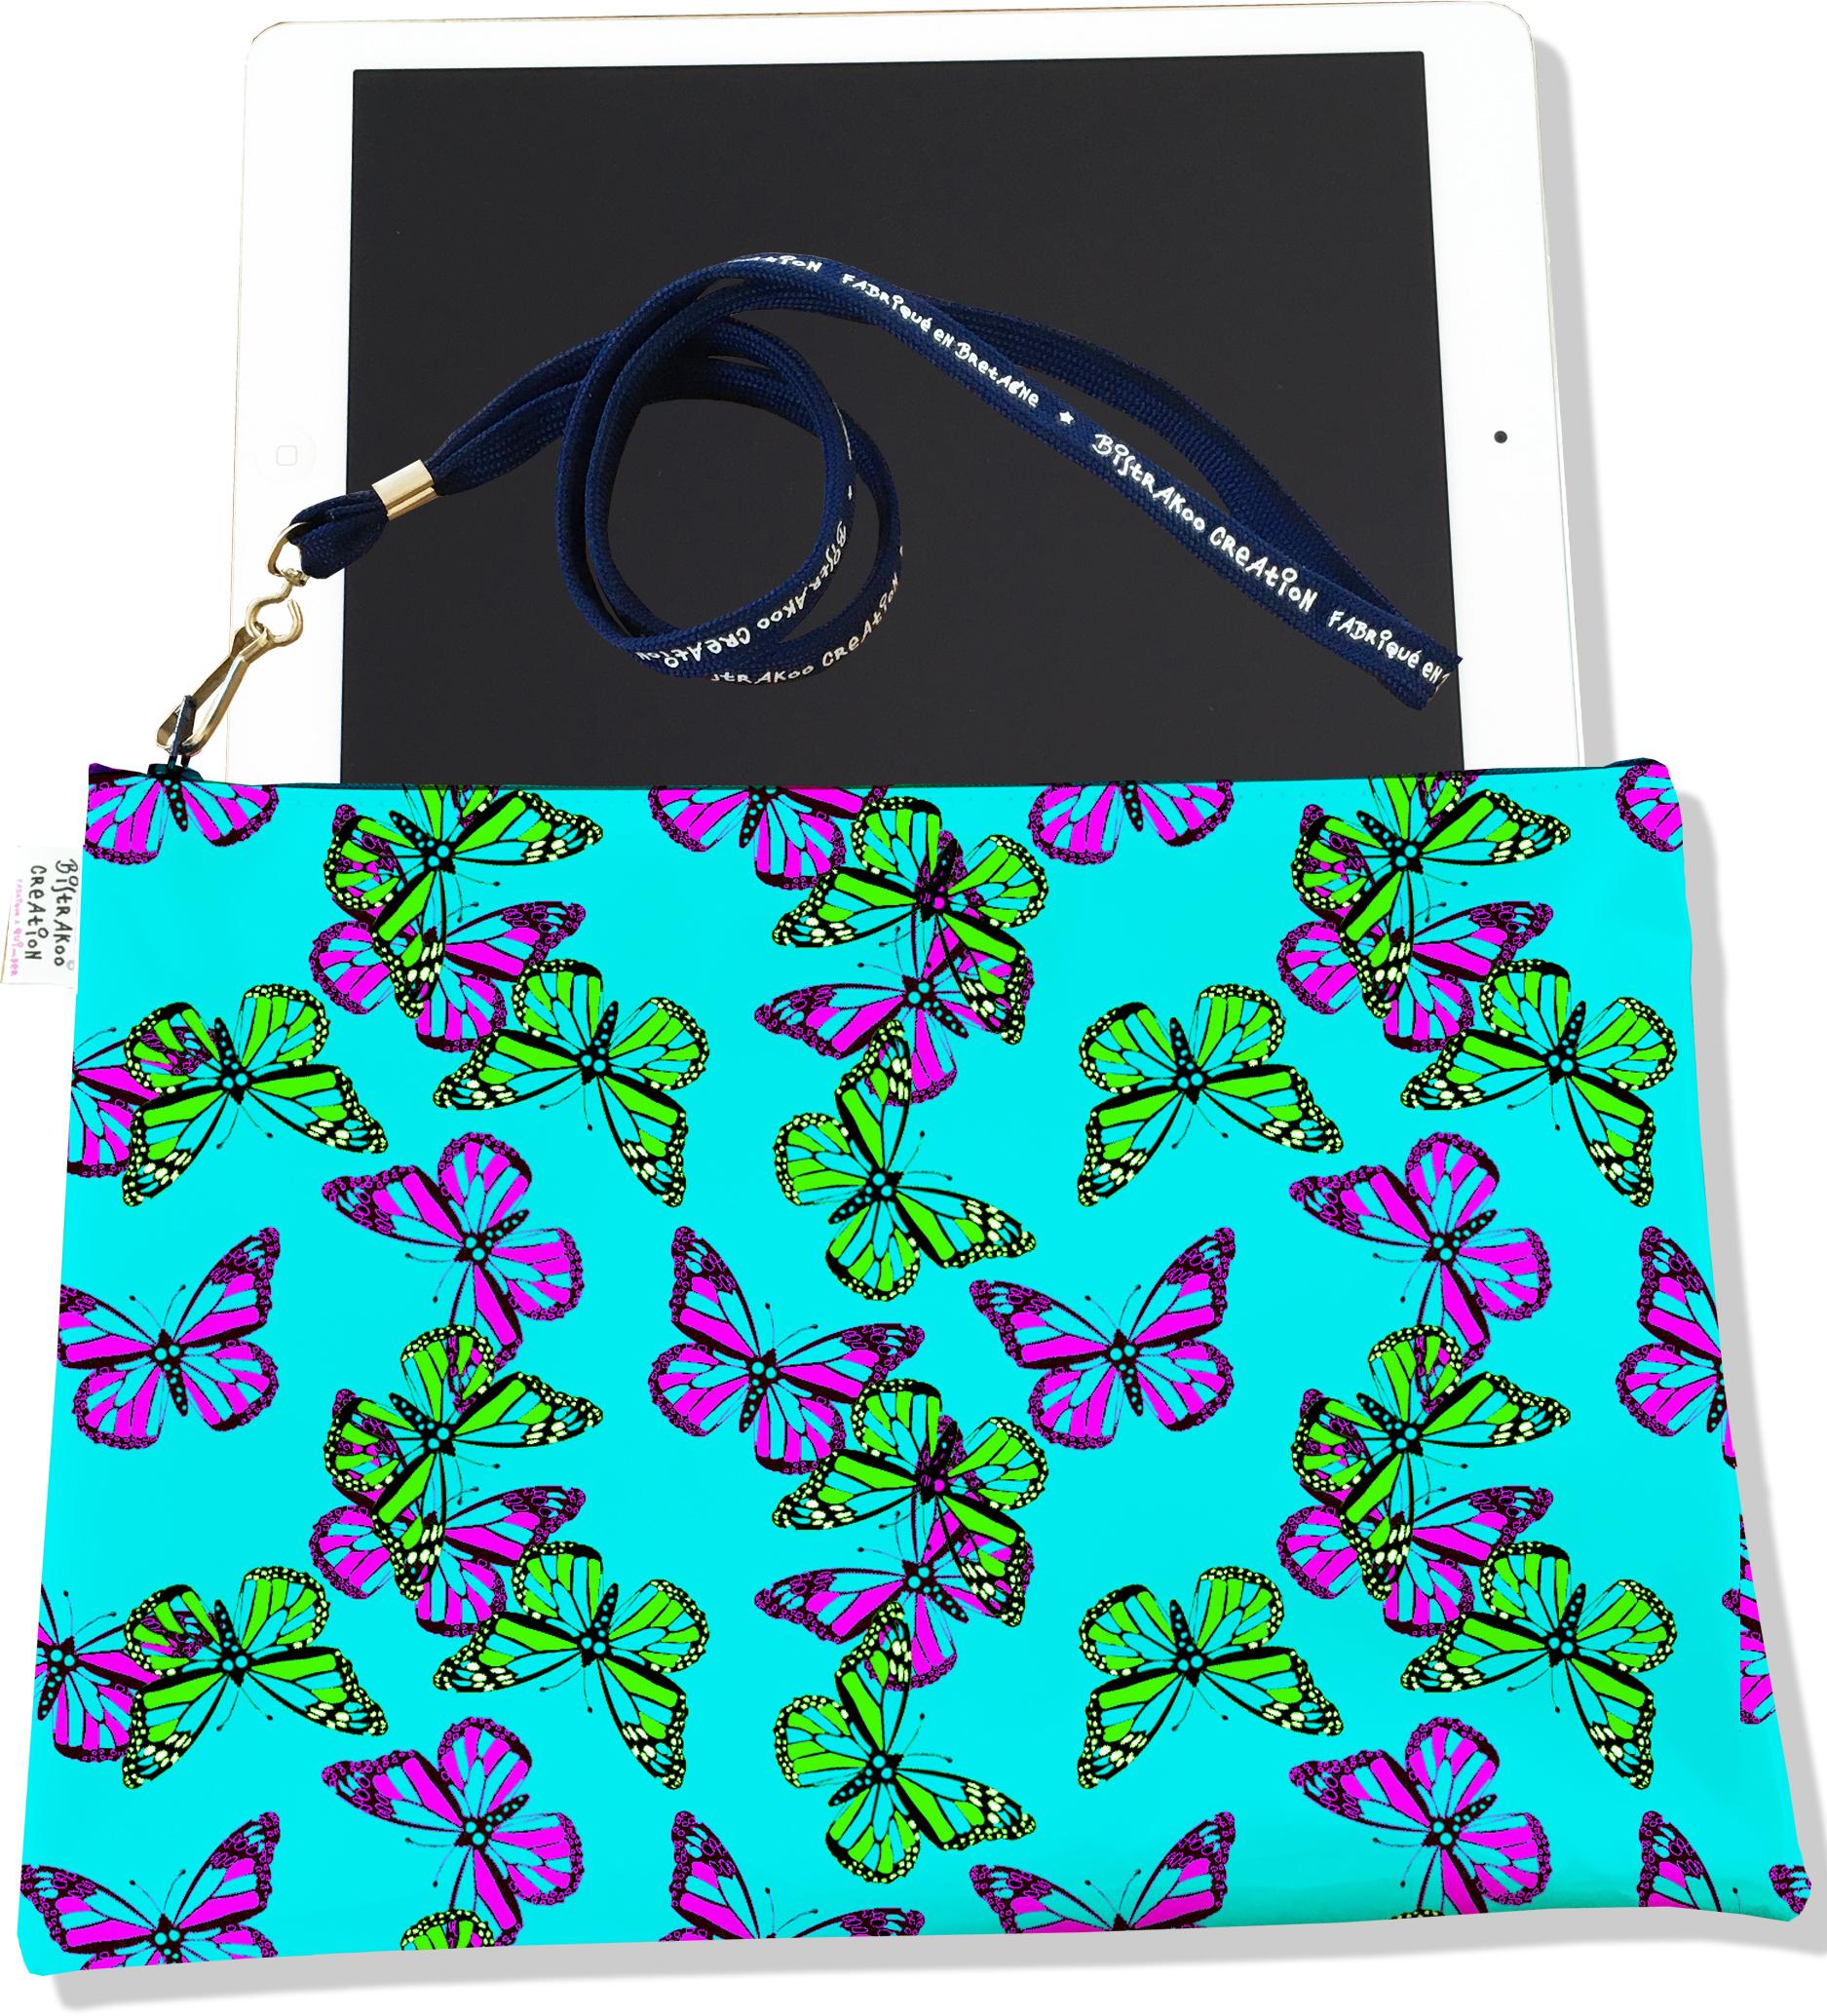 Housse pour tablette pour femme motif Papillons multicolores fond vert 2031